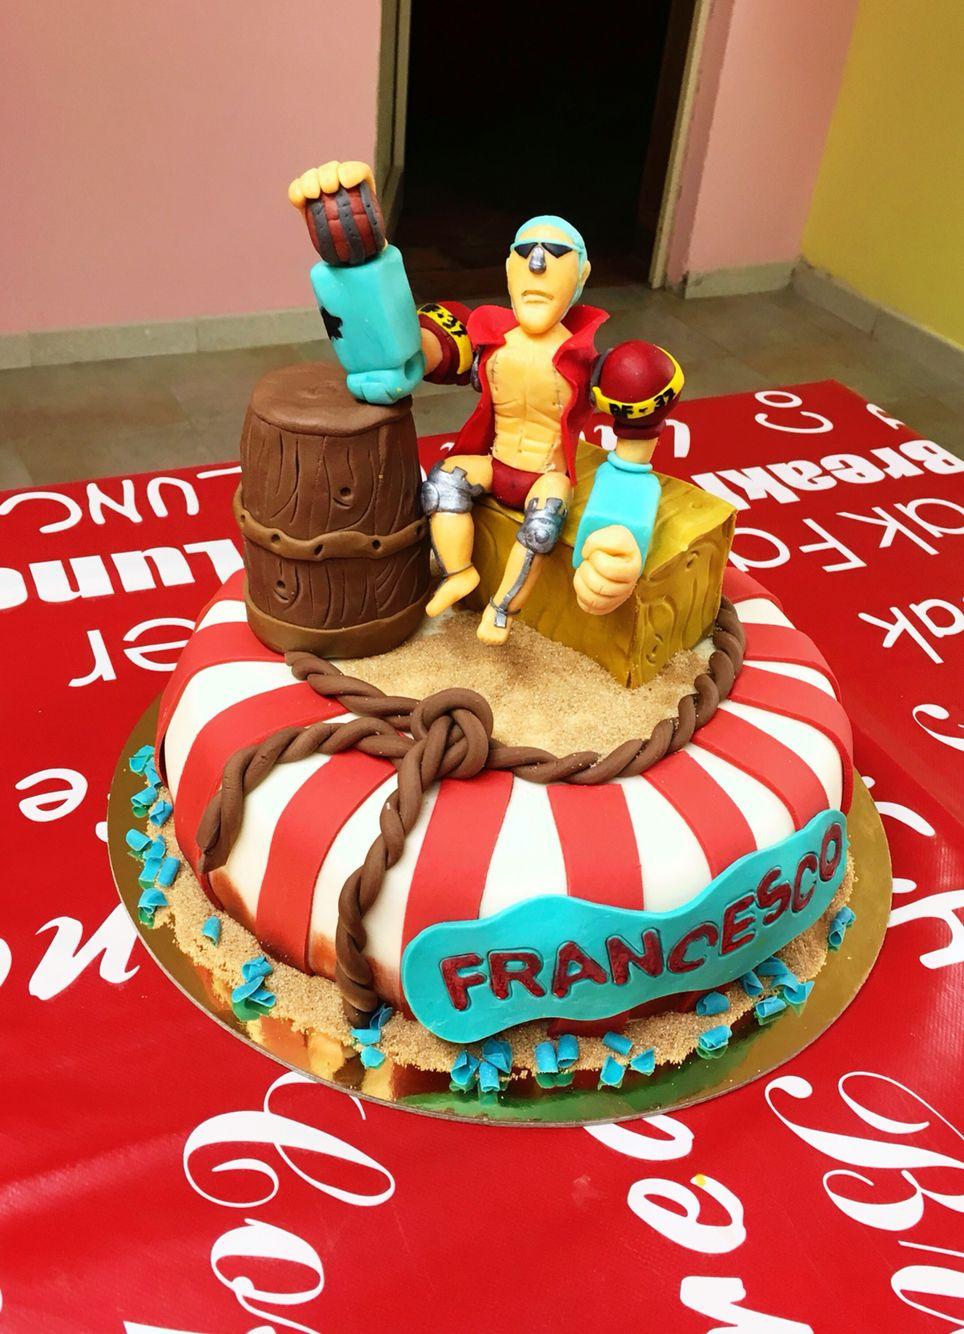 #OnePiece #Franky #cake